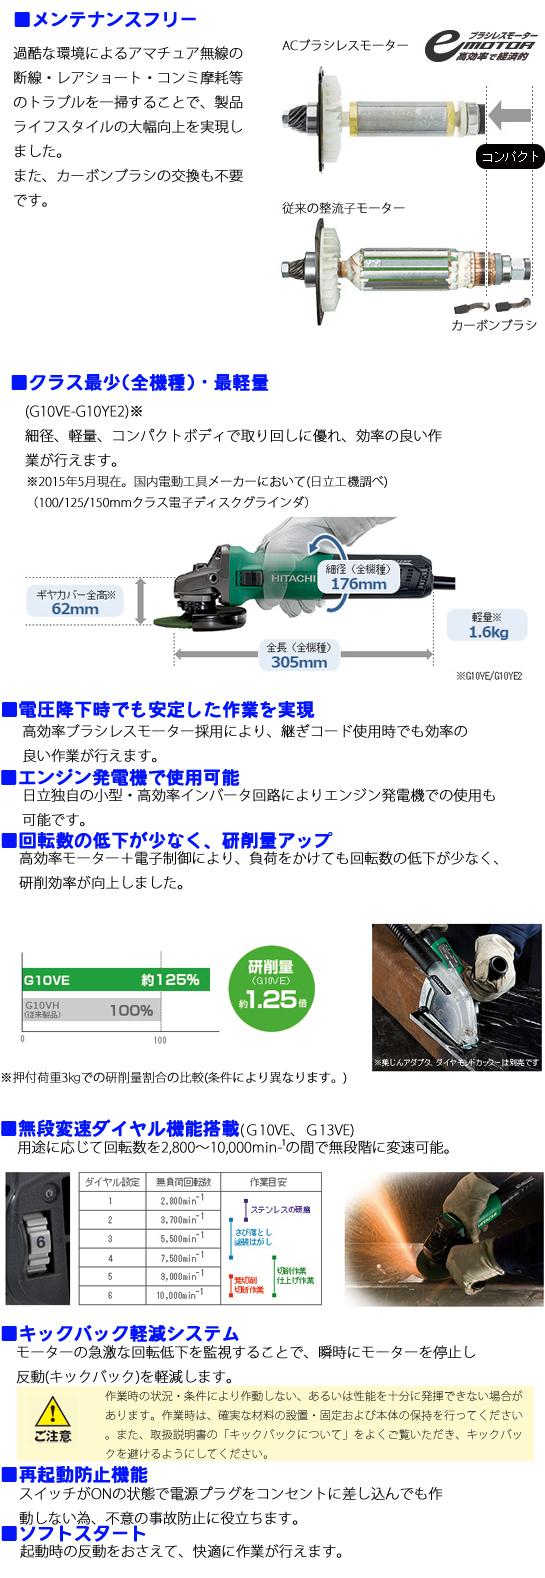 日立 電子ディスクグラインダ G13VE